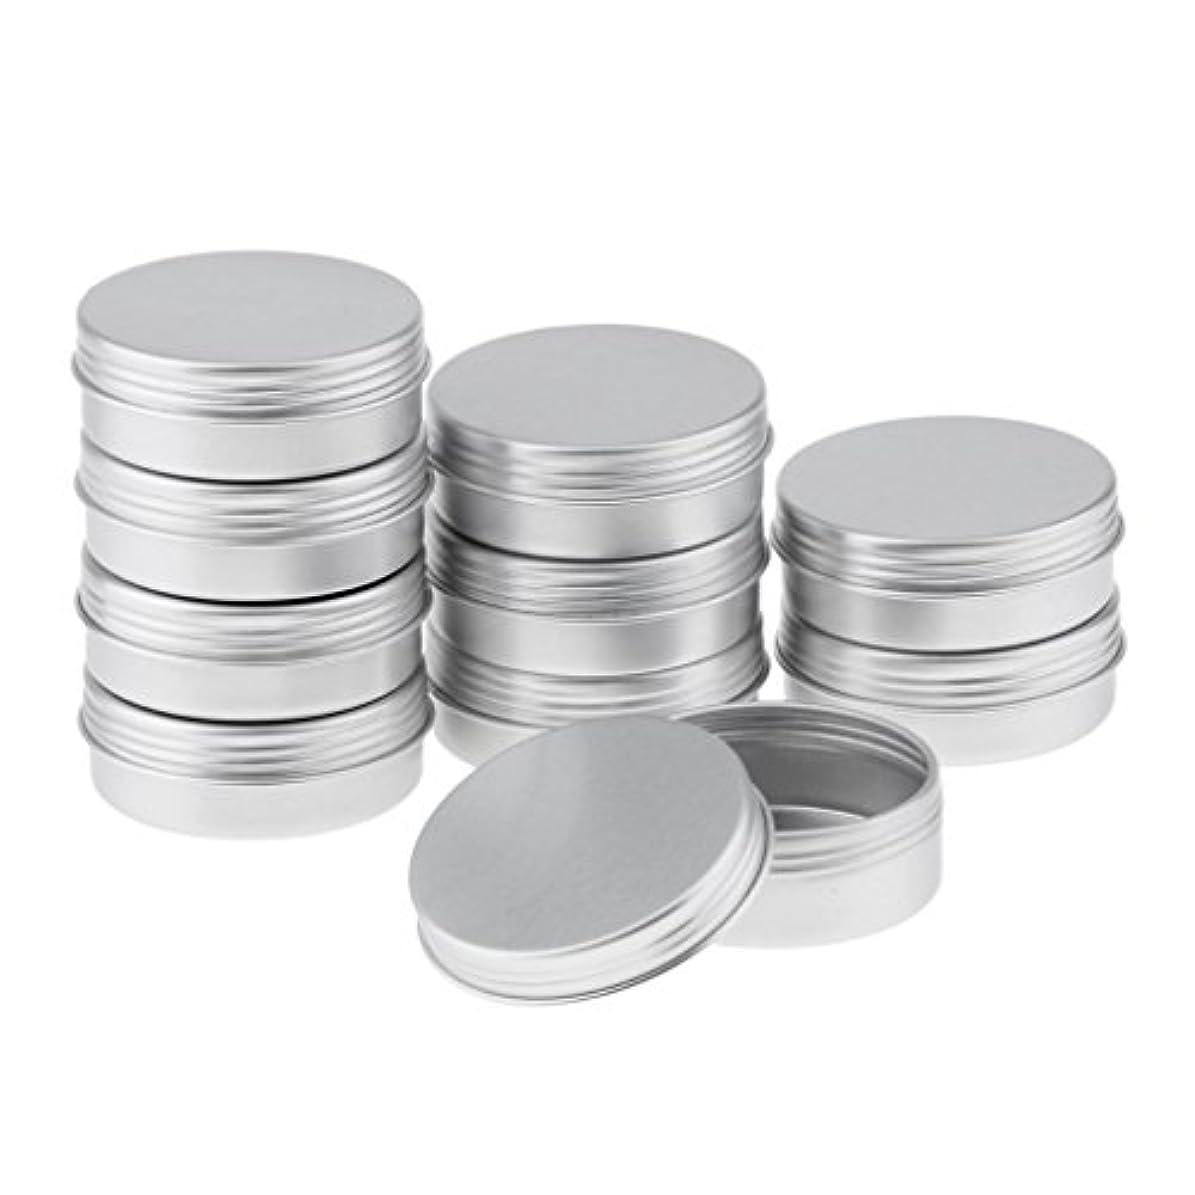 器官スズメバチ十分な10個の15ミリリットルのアルミニウムリップクリーム缶ポット化粧品クリームジャーボトル容器 - 10個25ml